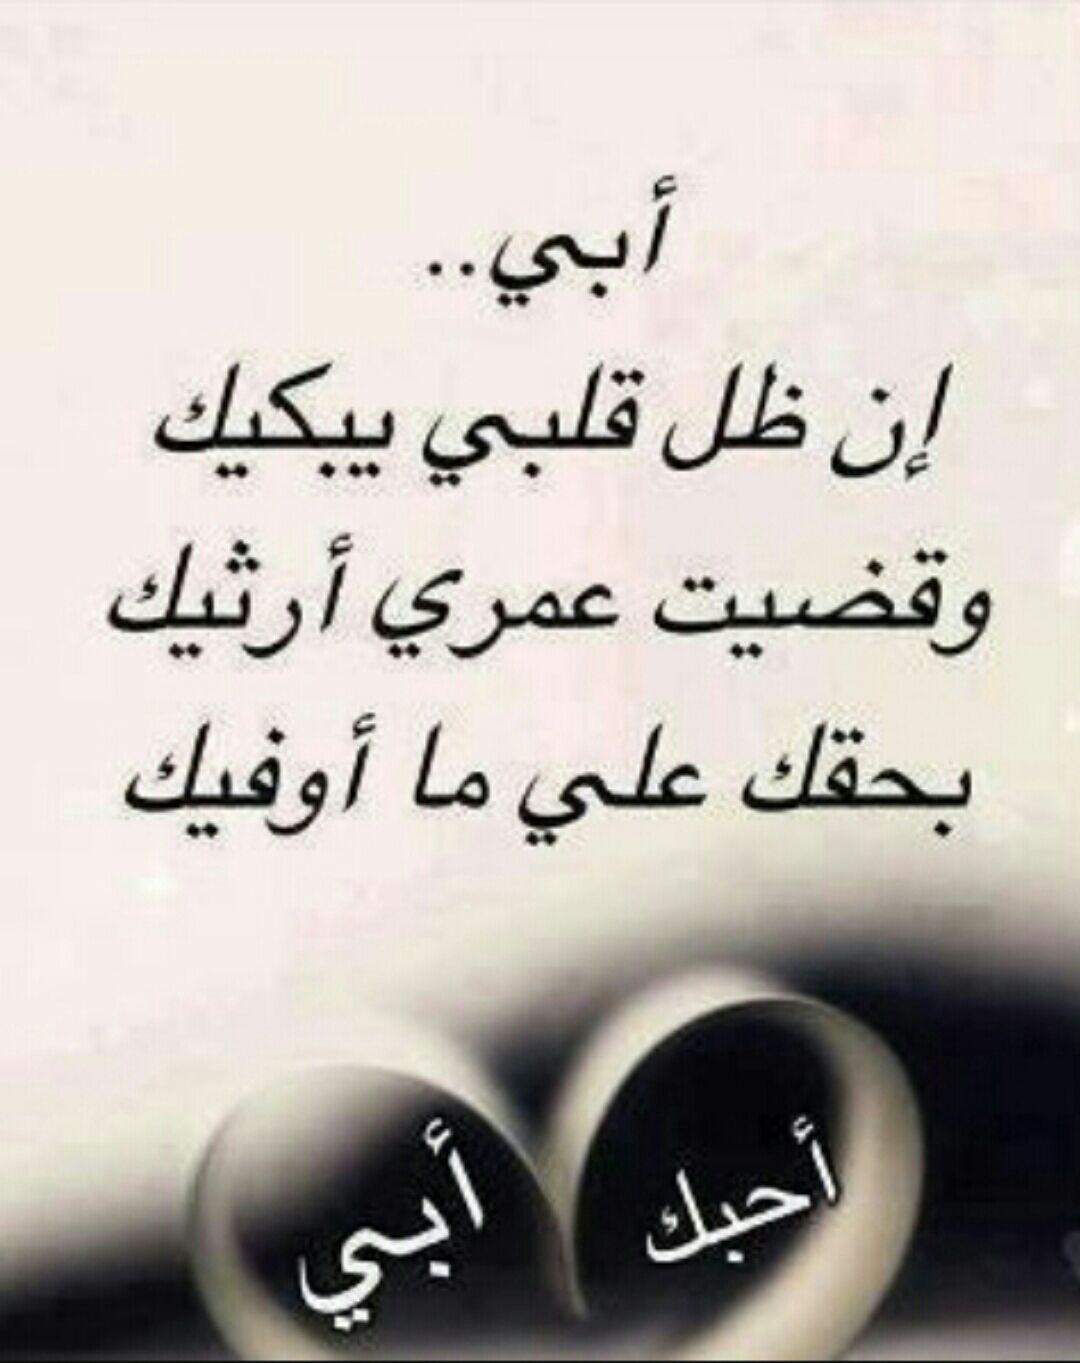 بالصور شعر عن فراق الاب الميت , كلمات حزينه عن فقدان الاب 1083 5